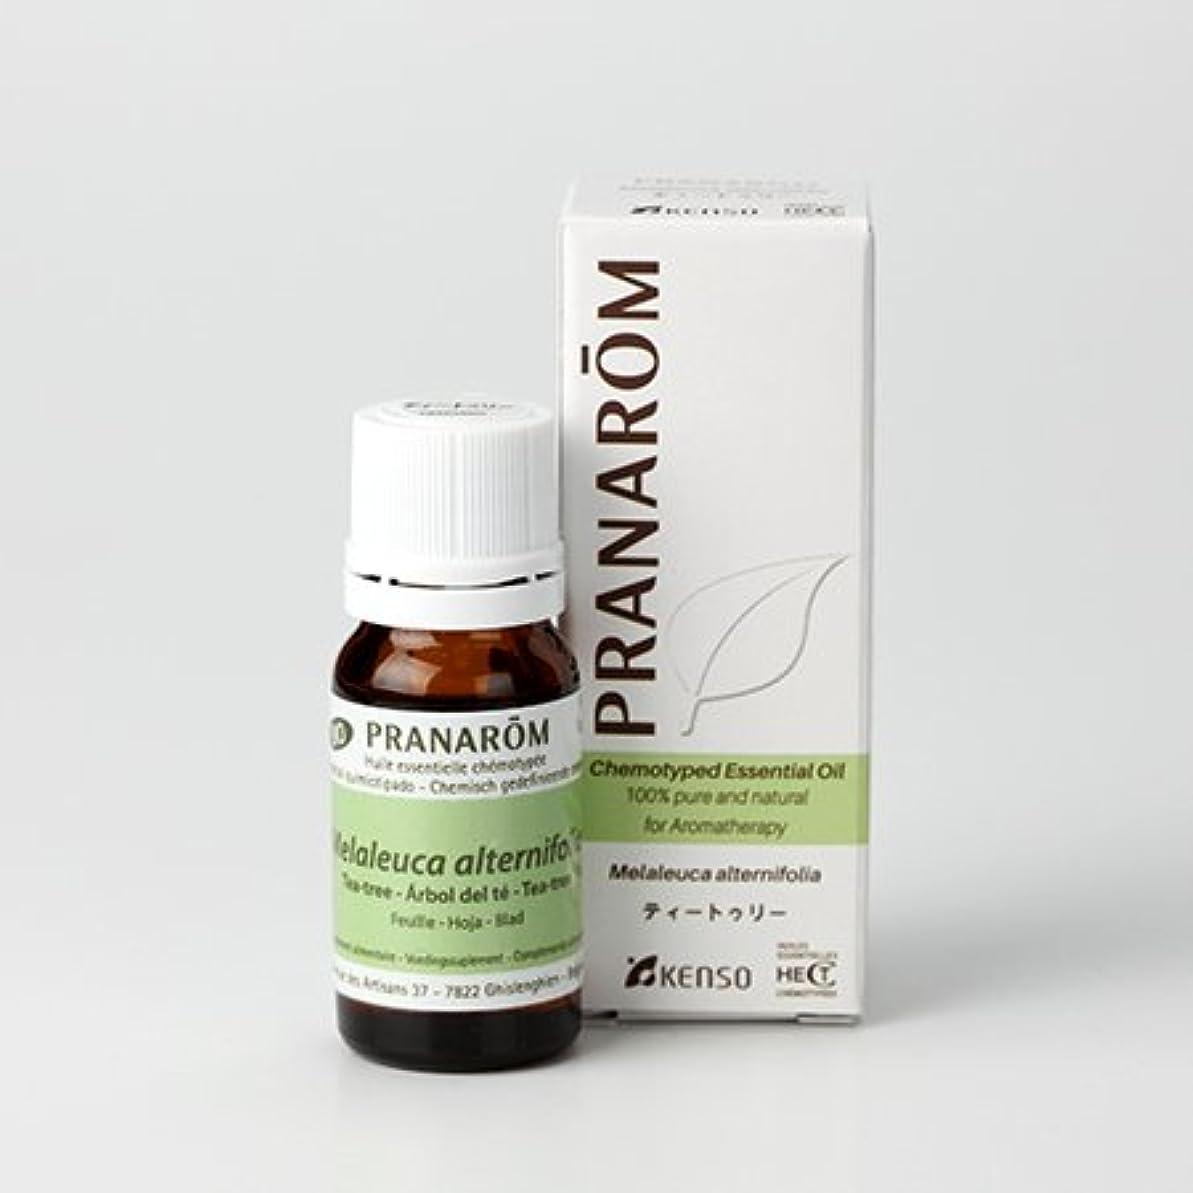 コーデリア起こるチラチラするプラナロム精油(P-109 ティートゥリー?10ml)